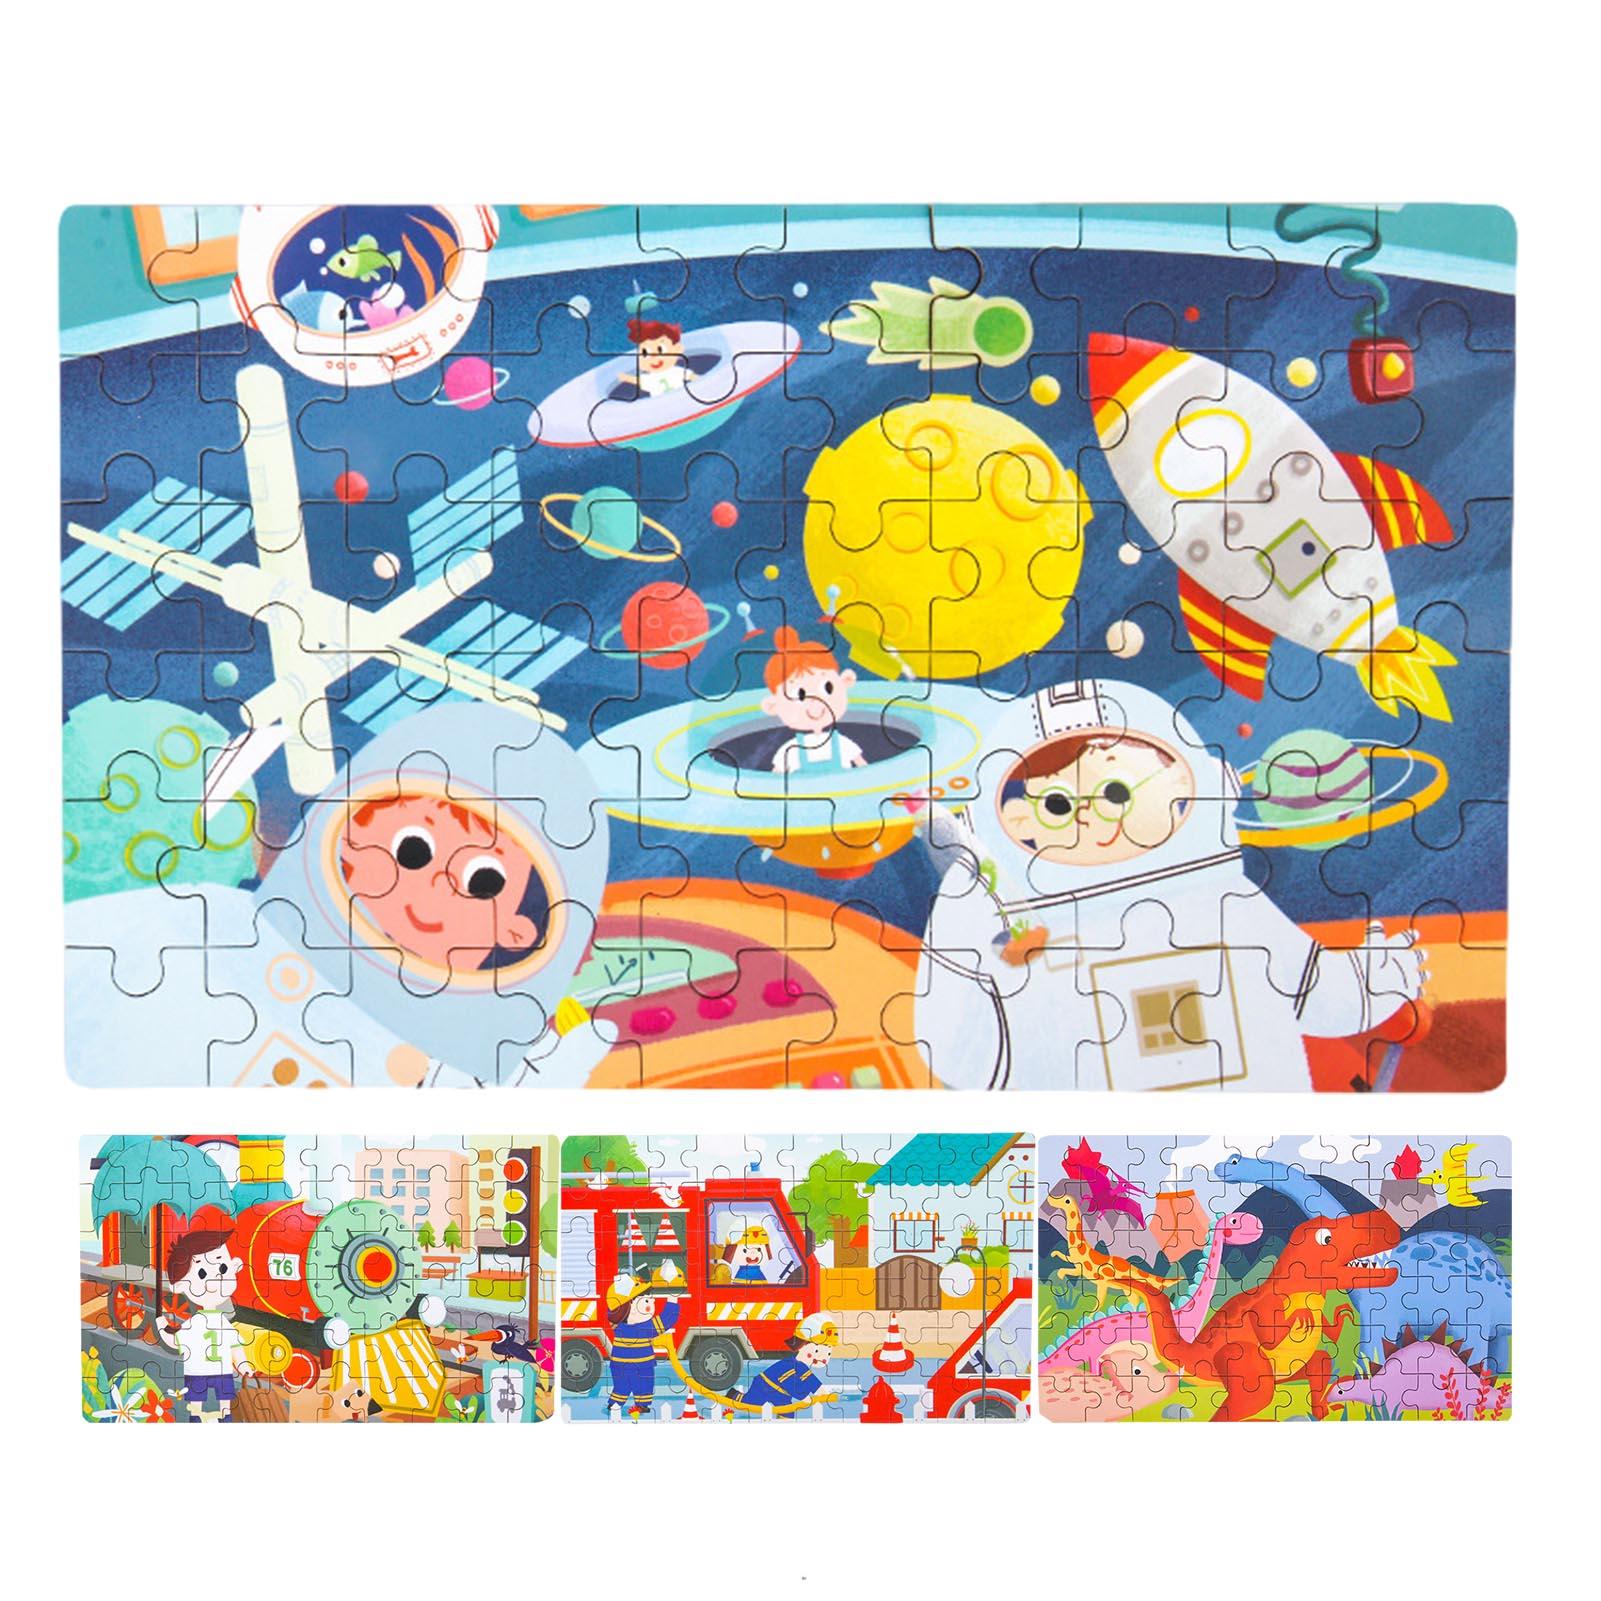 60 шт. пазл Танграм деревянный образовательных головоломки для обучения, сборный и обучения детей головоломки игрушки родитель-ребенок Инте...